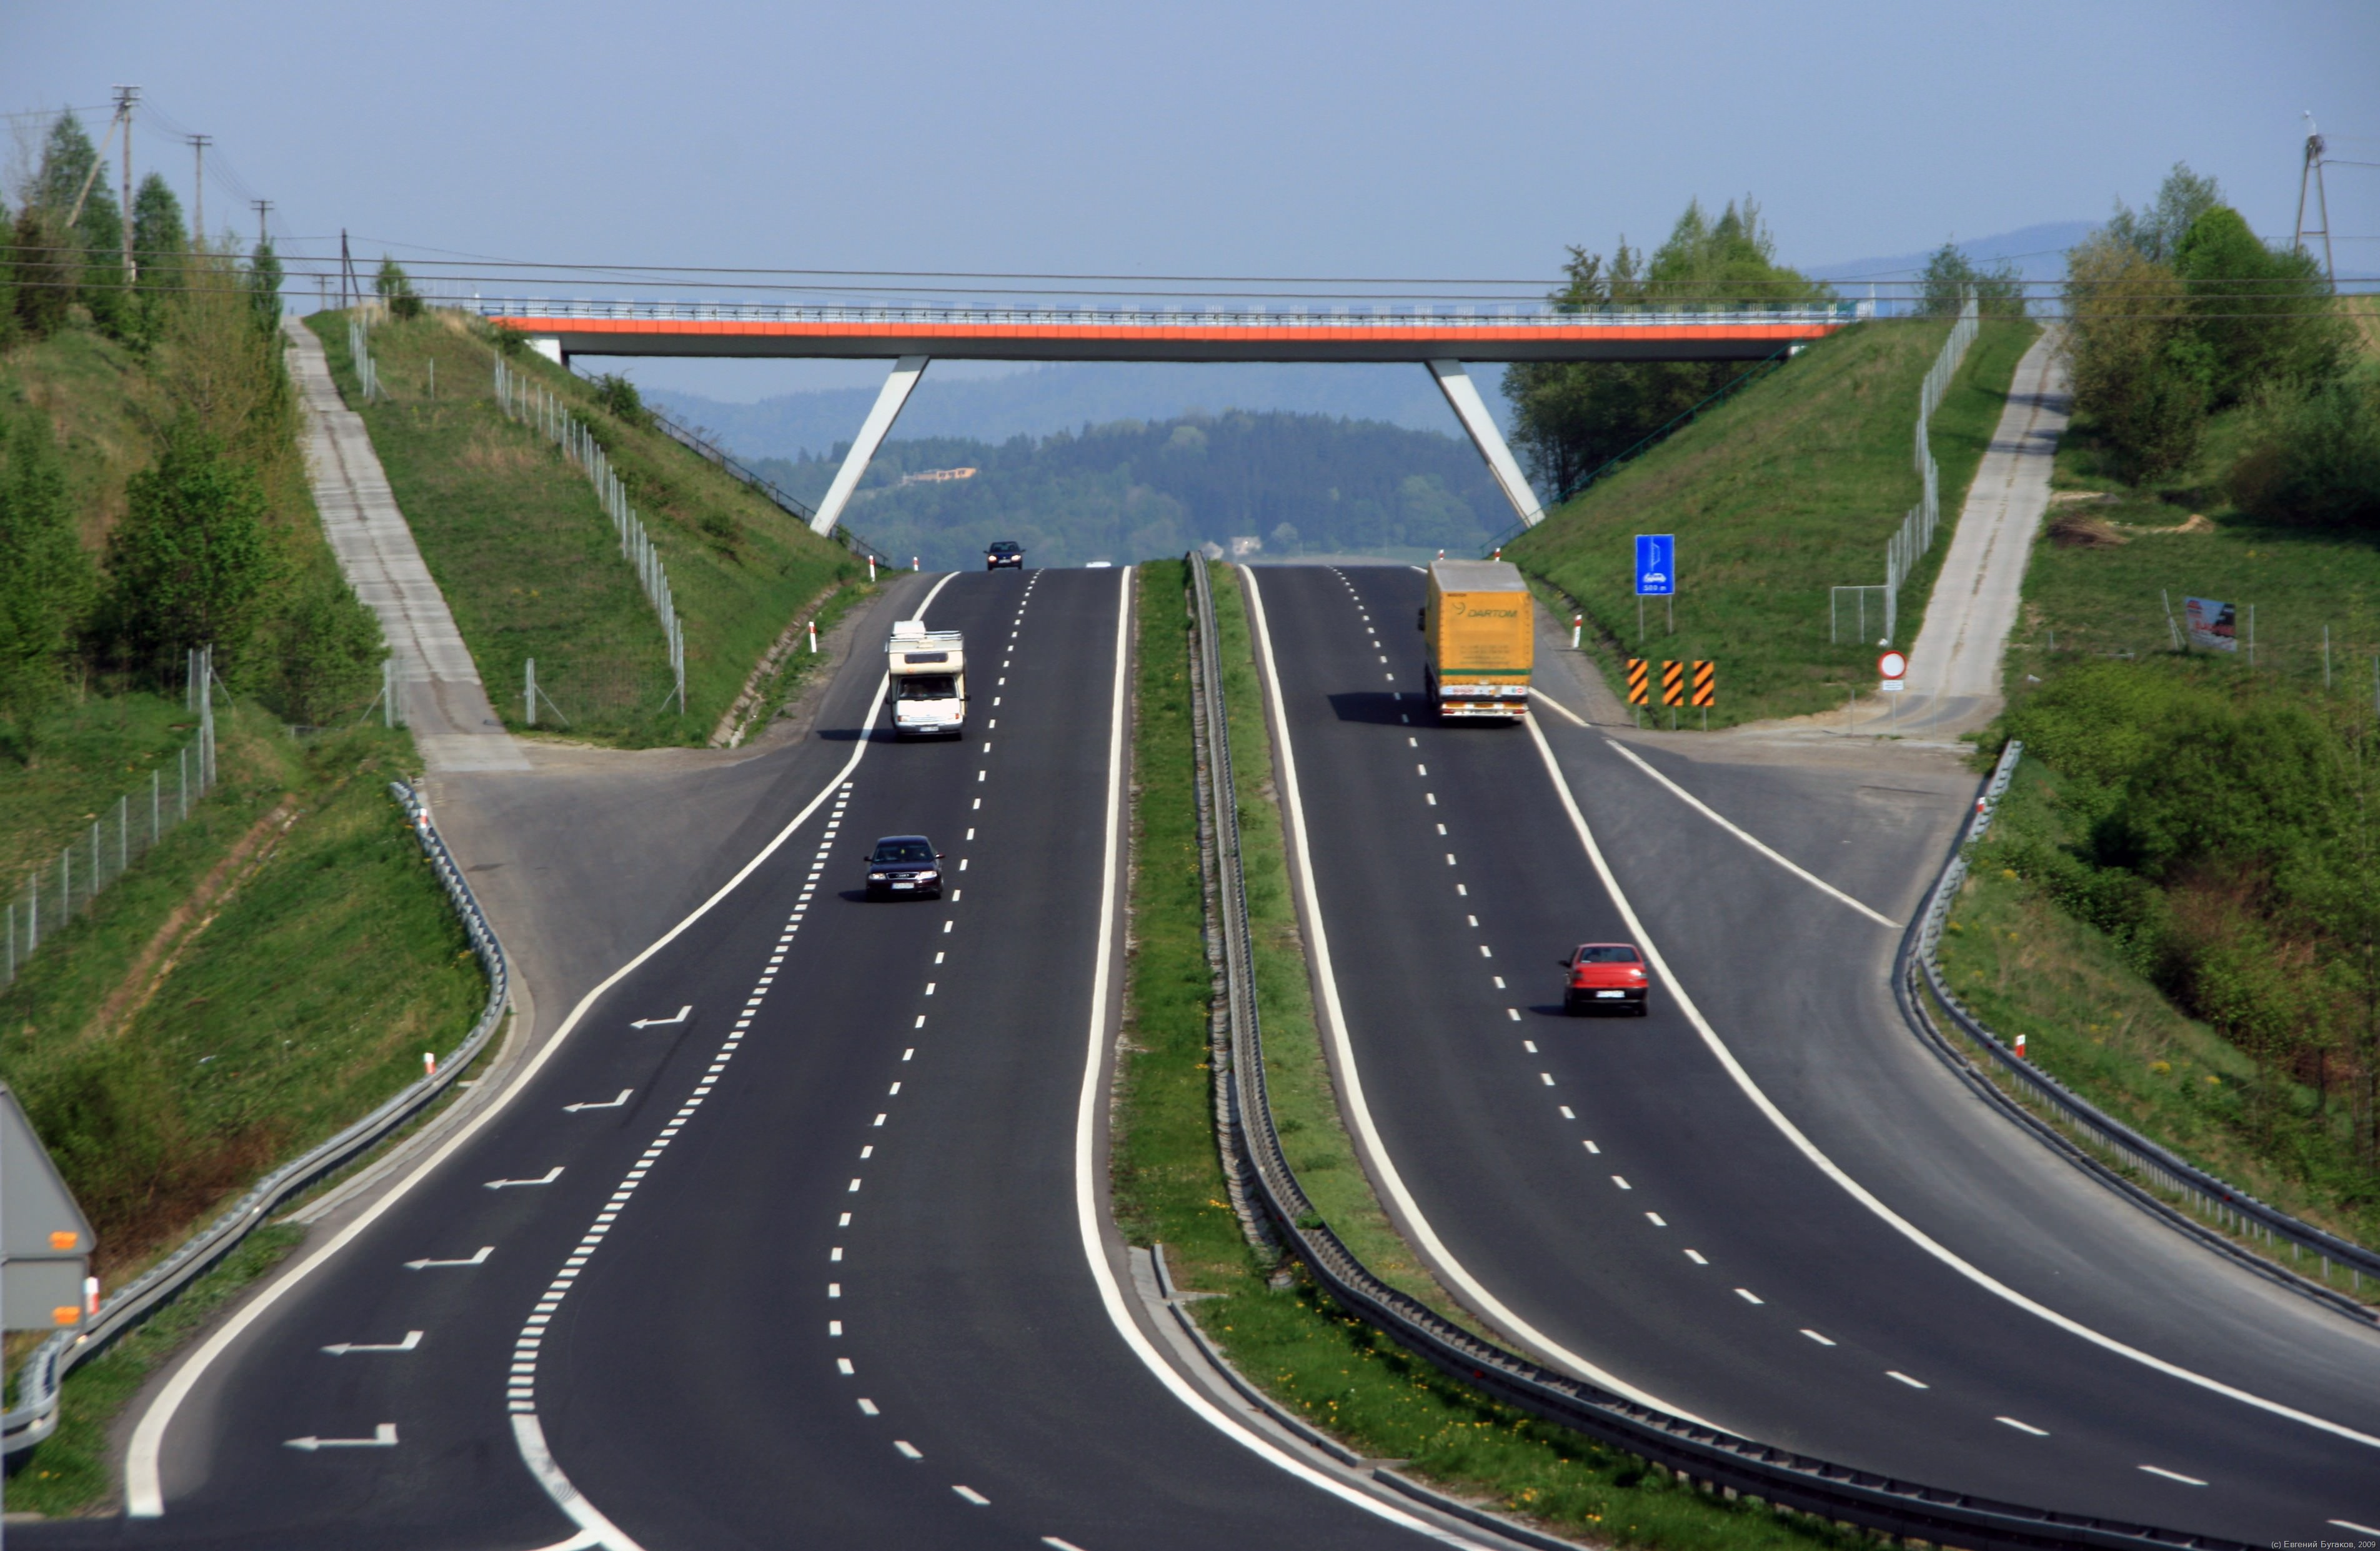 Концессионным дорогам в Украине «дали зеленый свет» 1